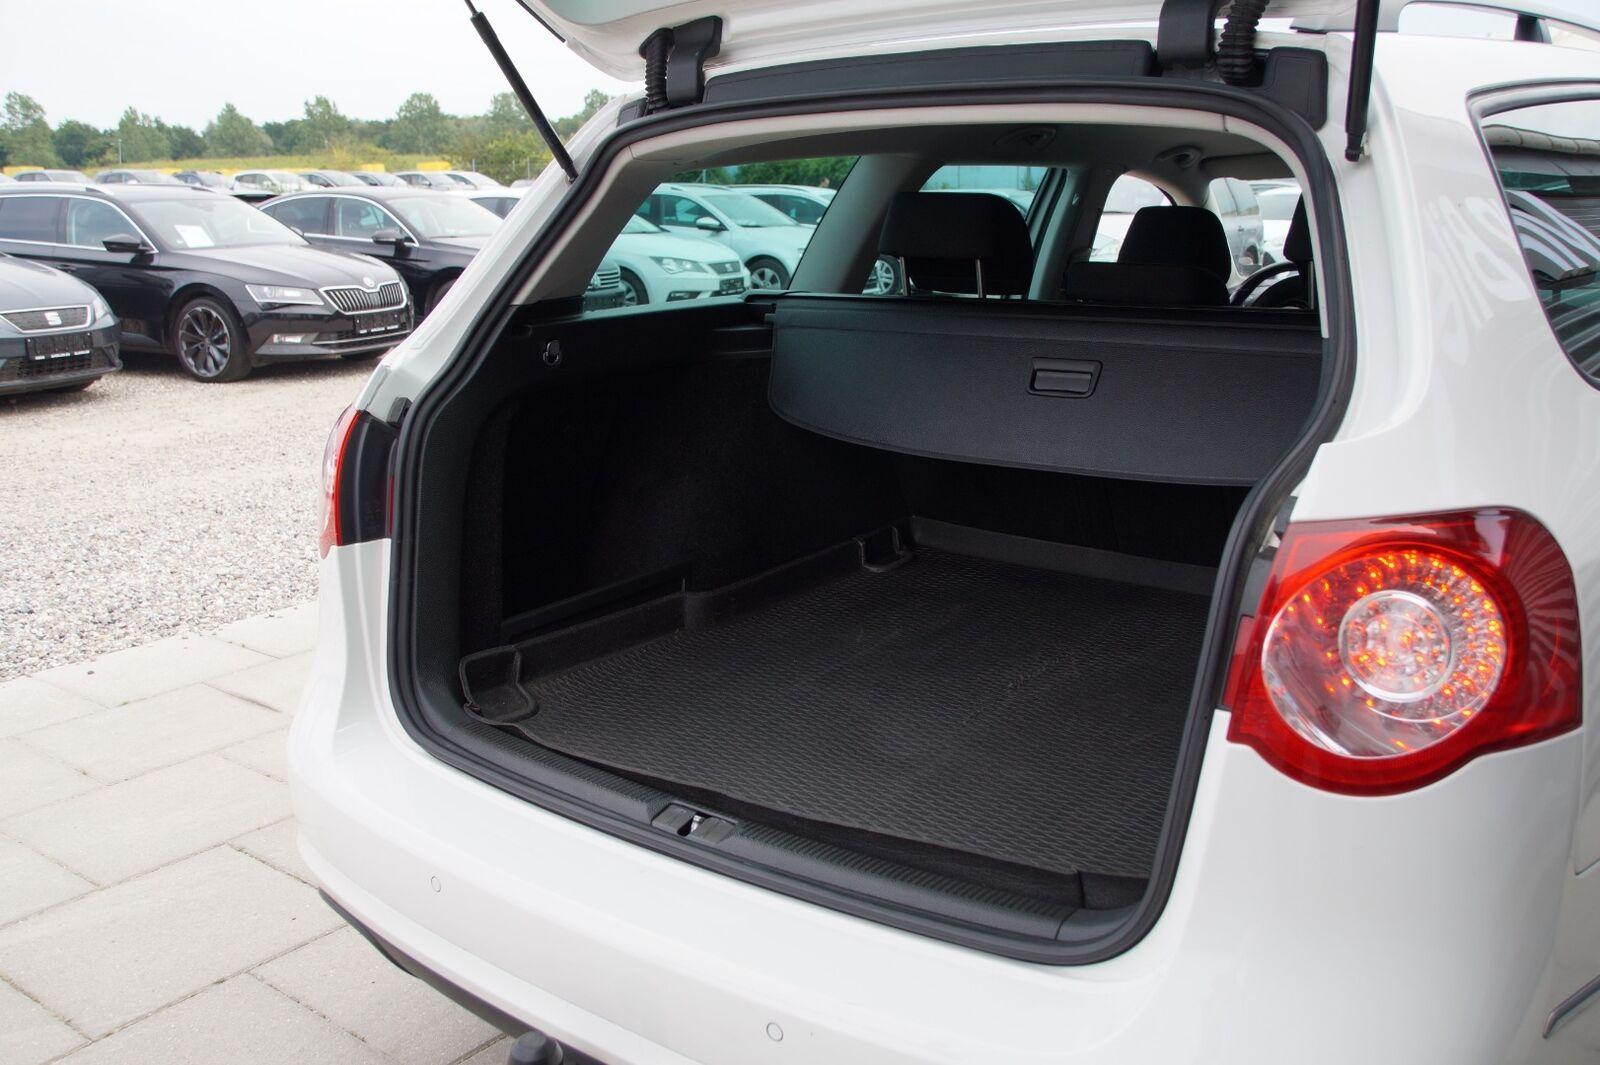 VW Passat 1,8 TSi 160 Sportline Variant